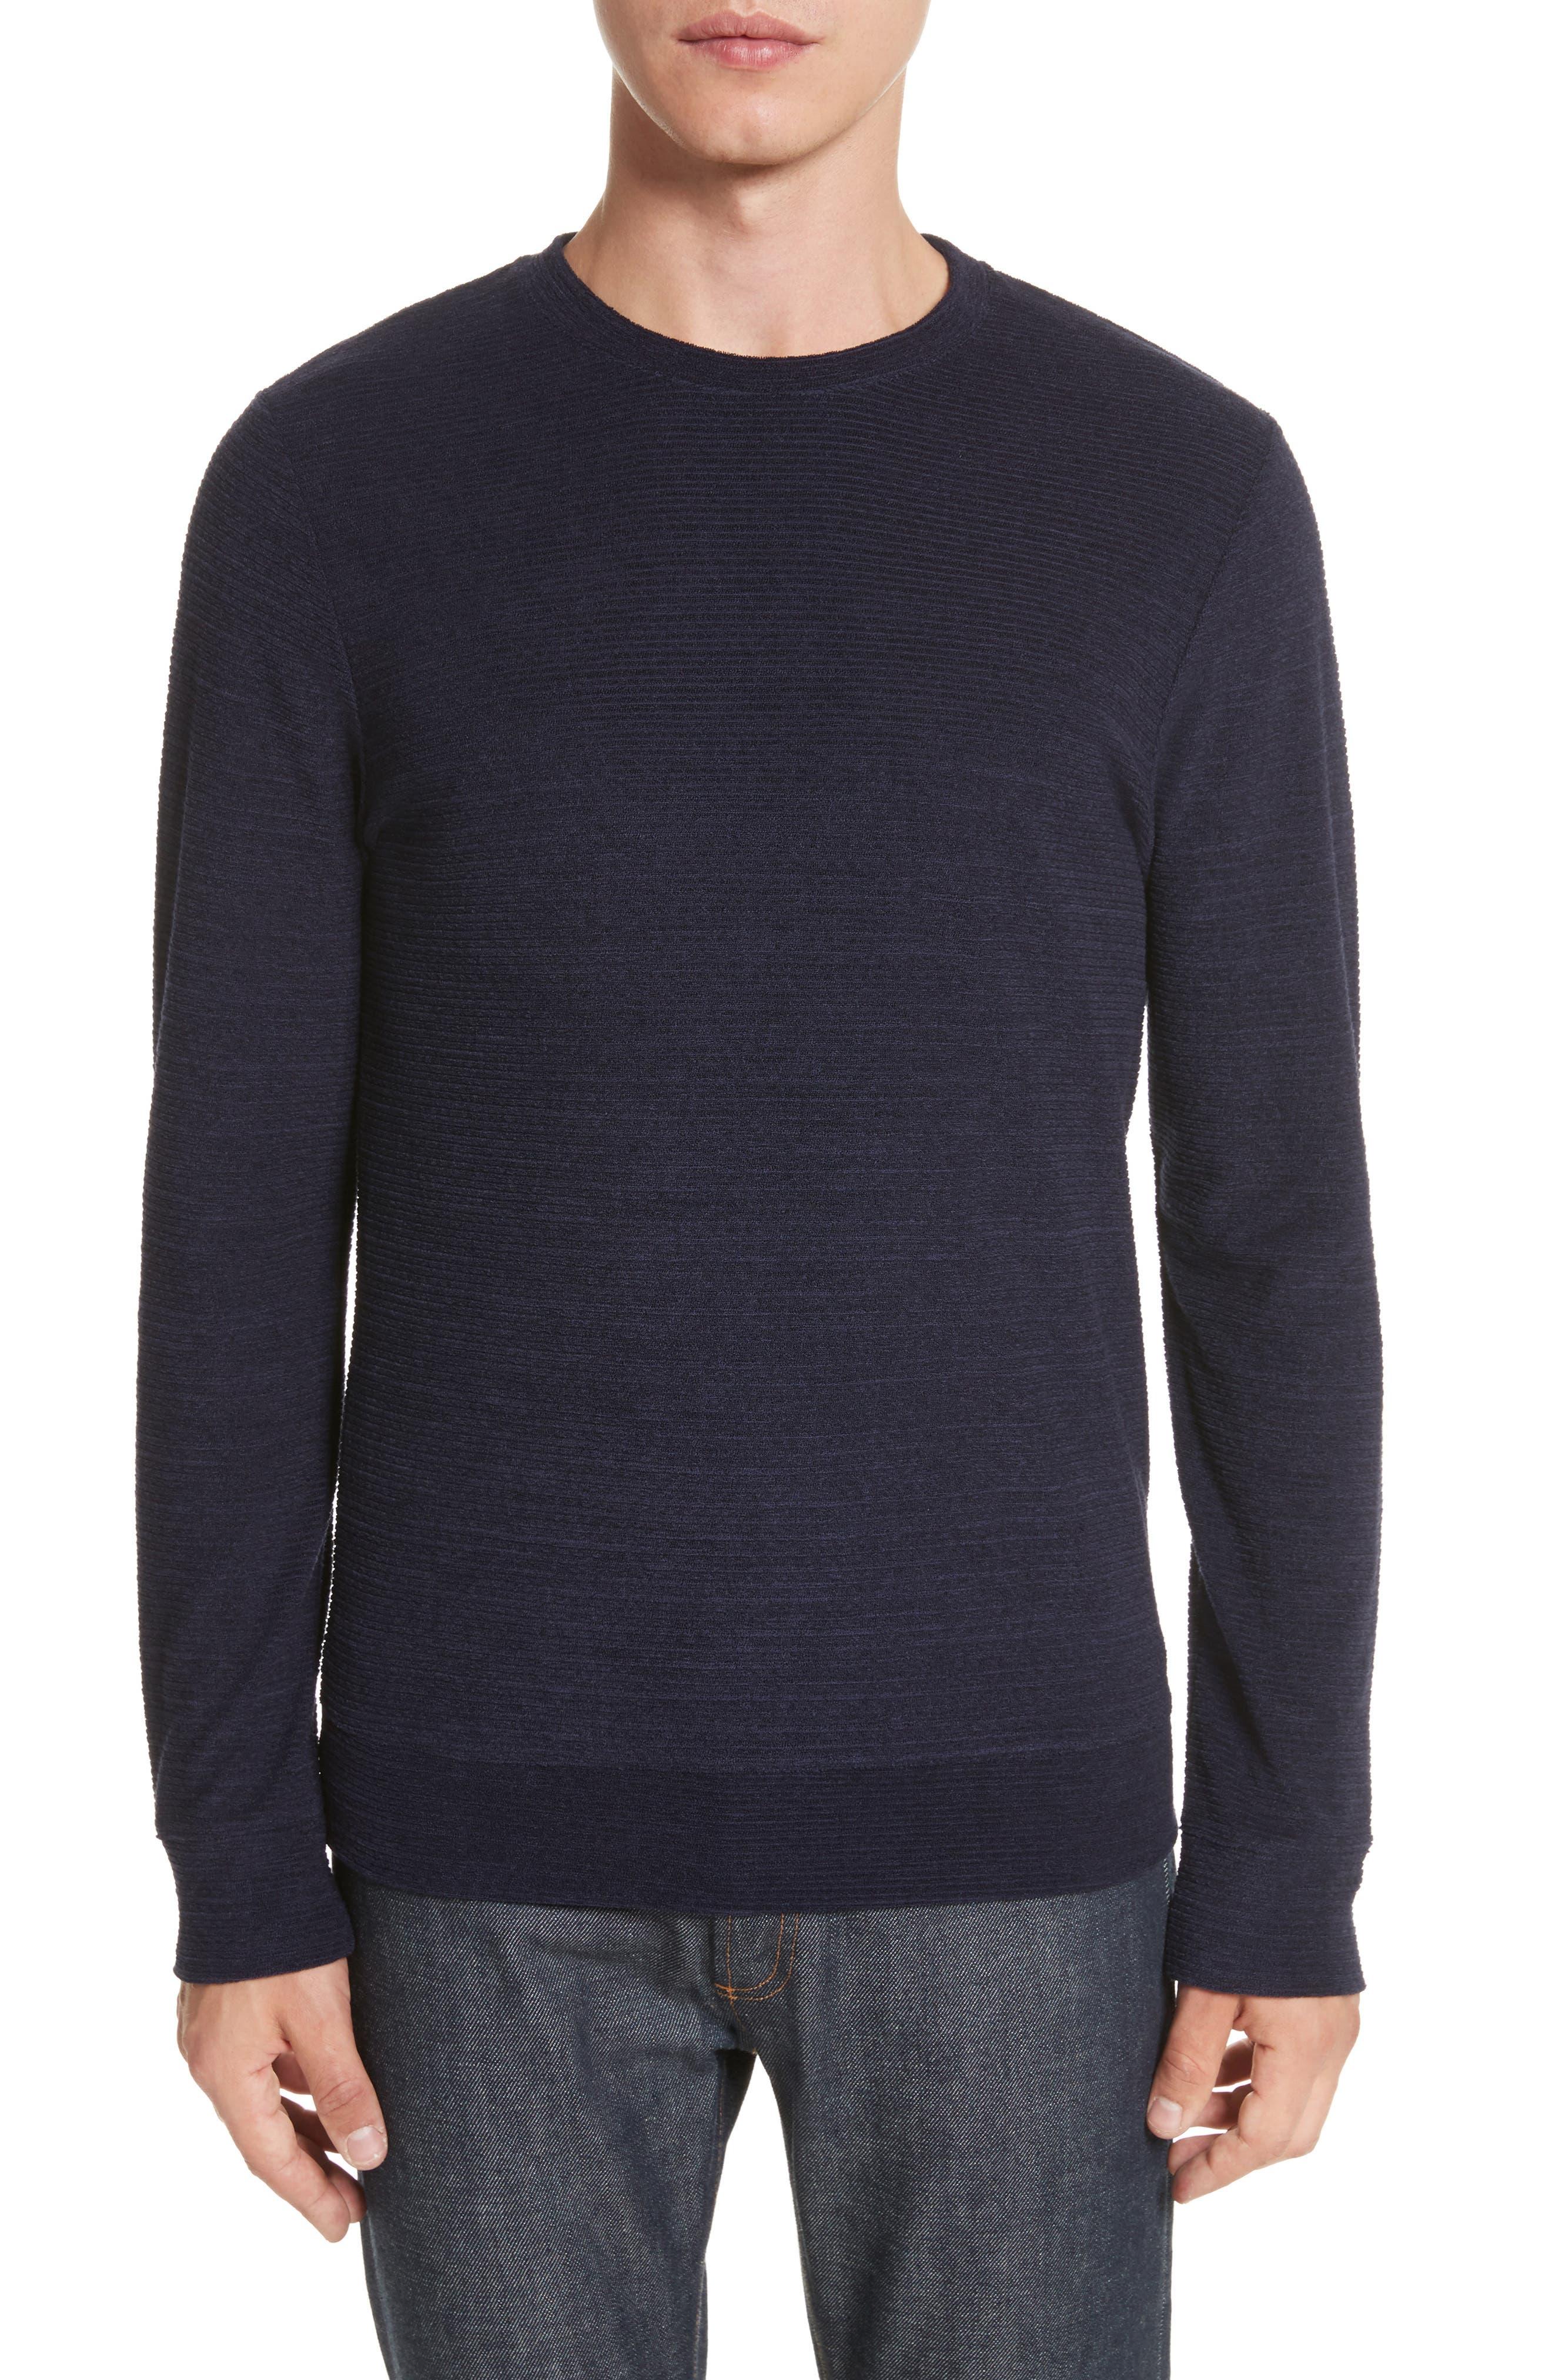 Jeremie Crewneck Sweater,                         Main,                         color,